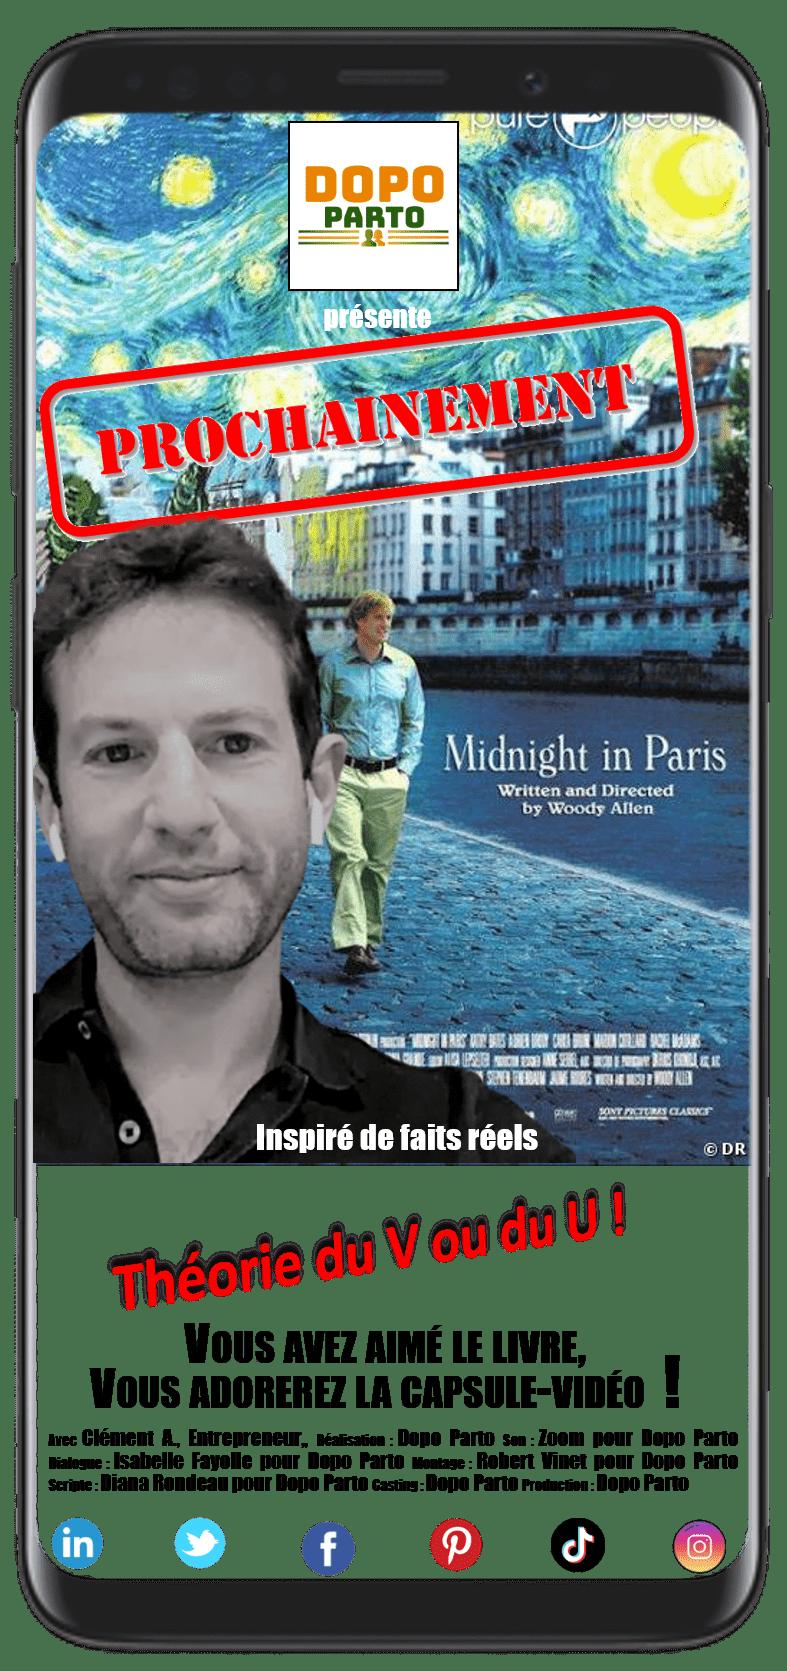 """Clément A., Entrepreneur, Paris 1er, France, Portrait DopoParto Summer2020 """"Dopo Parto"""" (Affiche)"""